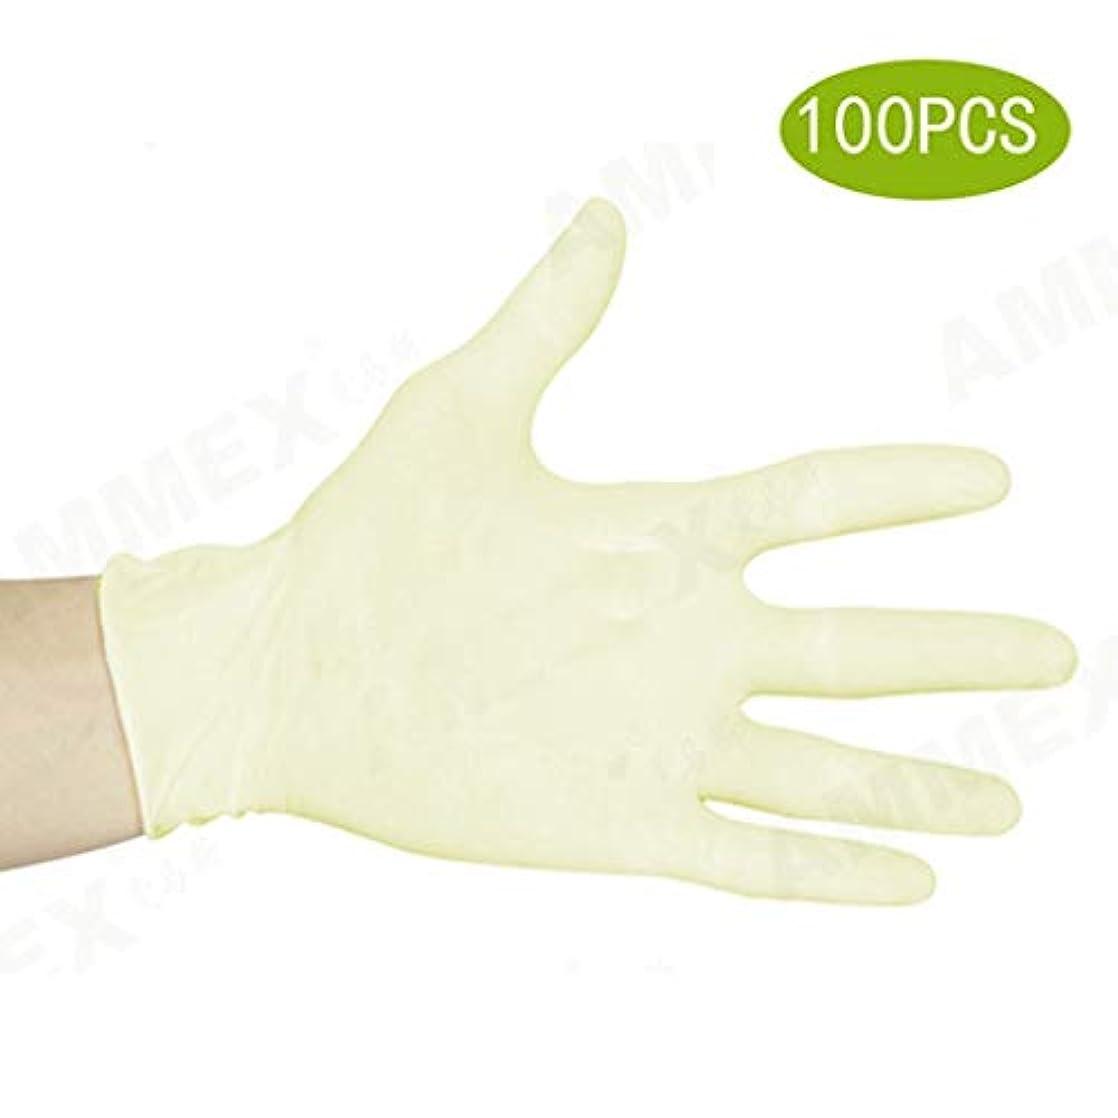 妊娠した踊り子楽しいニトリル手袋、パウダーフリー、ラテックスゴムフリー、使い捨て手袋 - 非滅菌、食品安全、医療用グレード、100の便利なディスペンサーパック、ビニール手袋(エクストラストレングス) (Color : Latex Gloves...